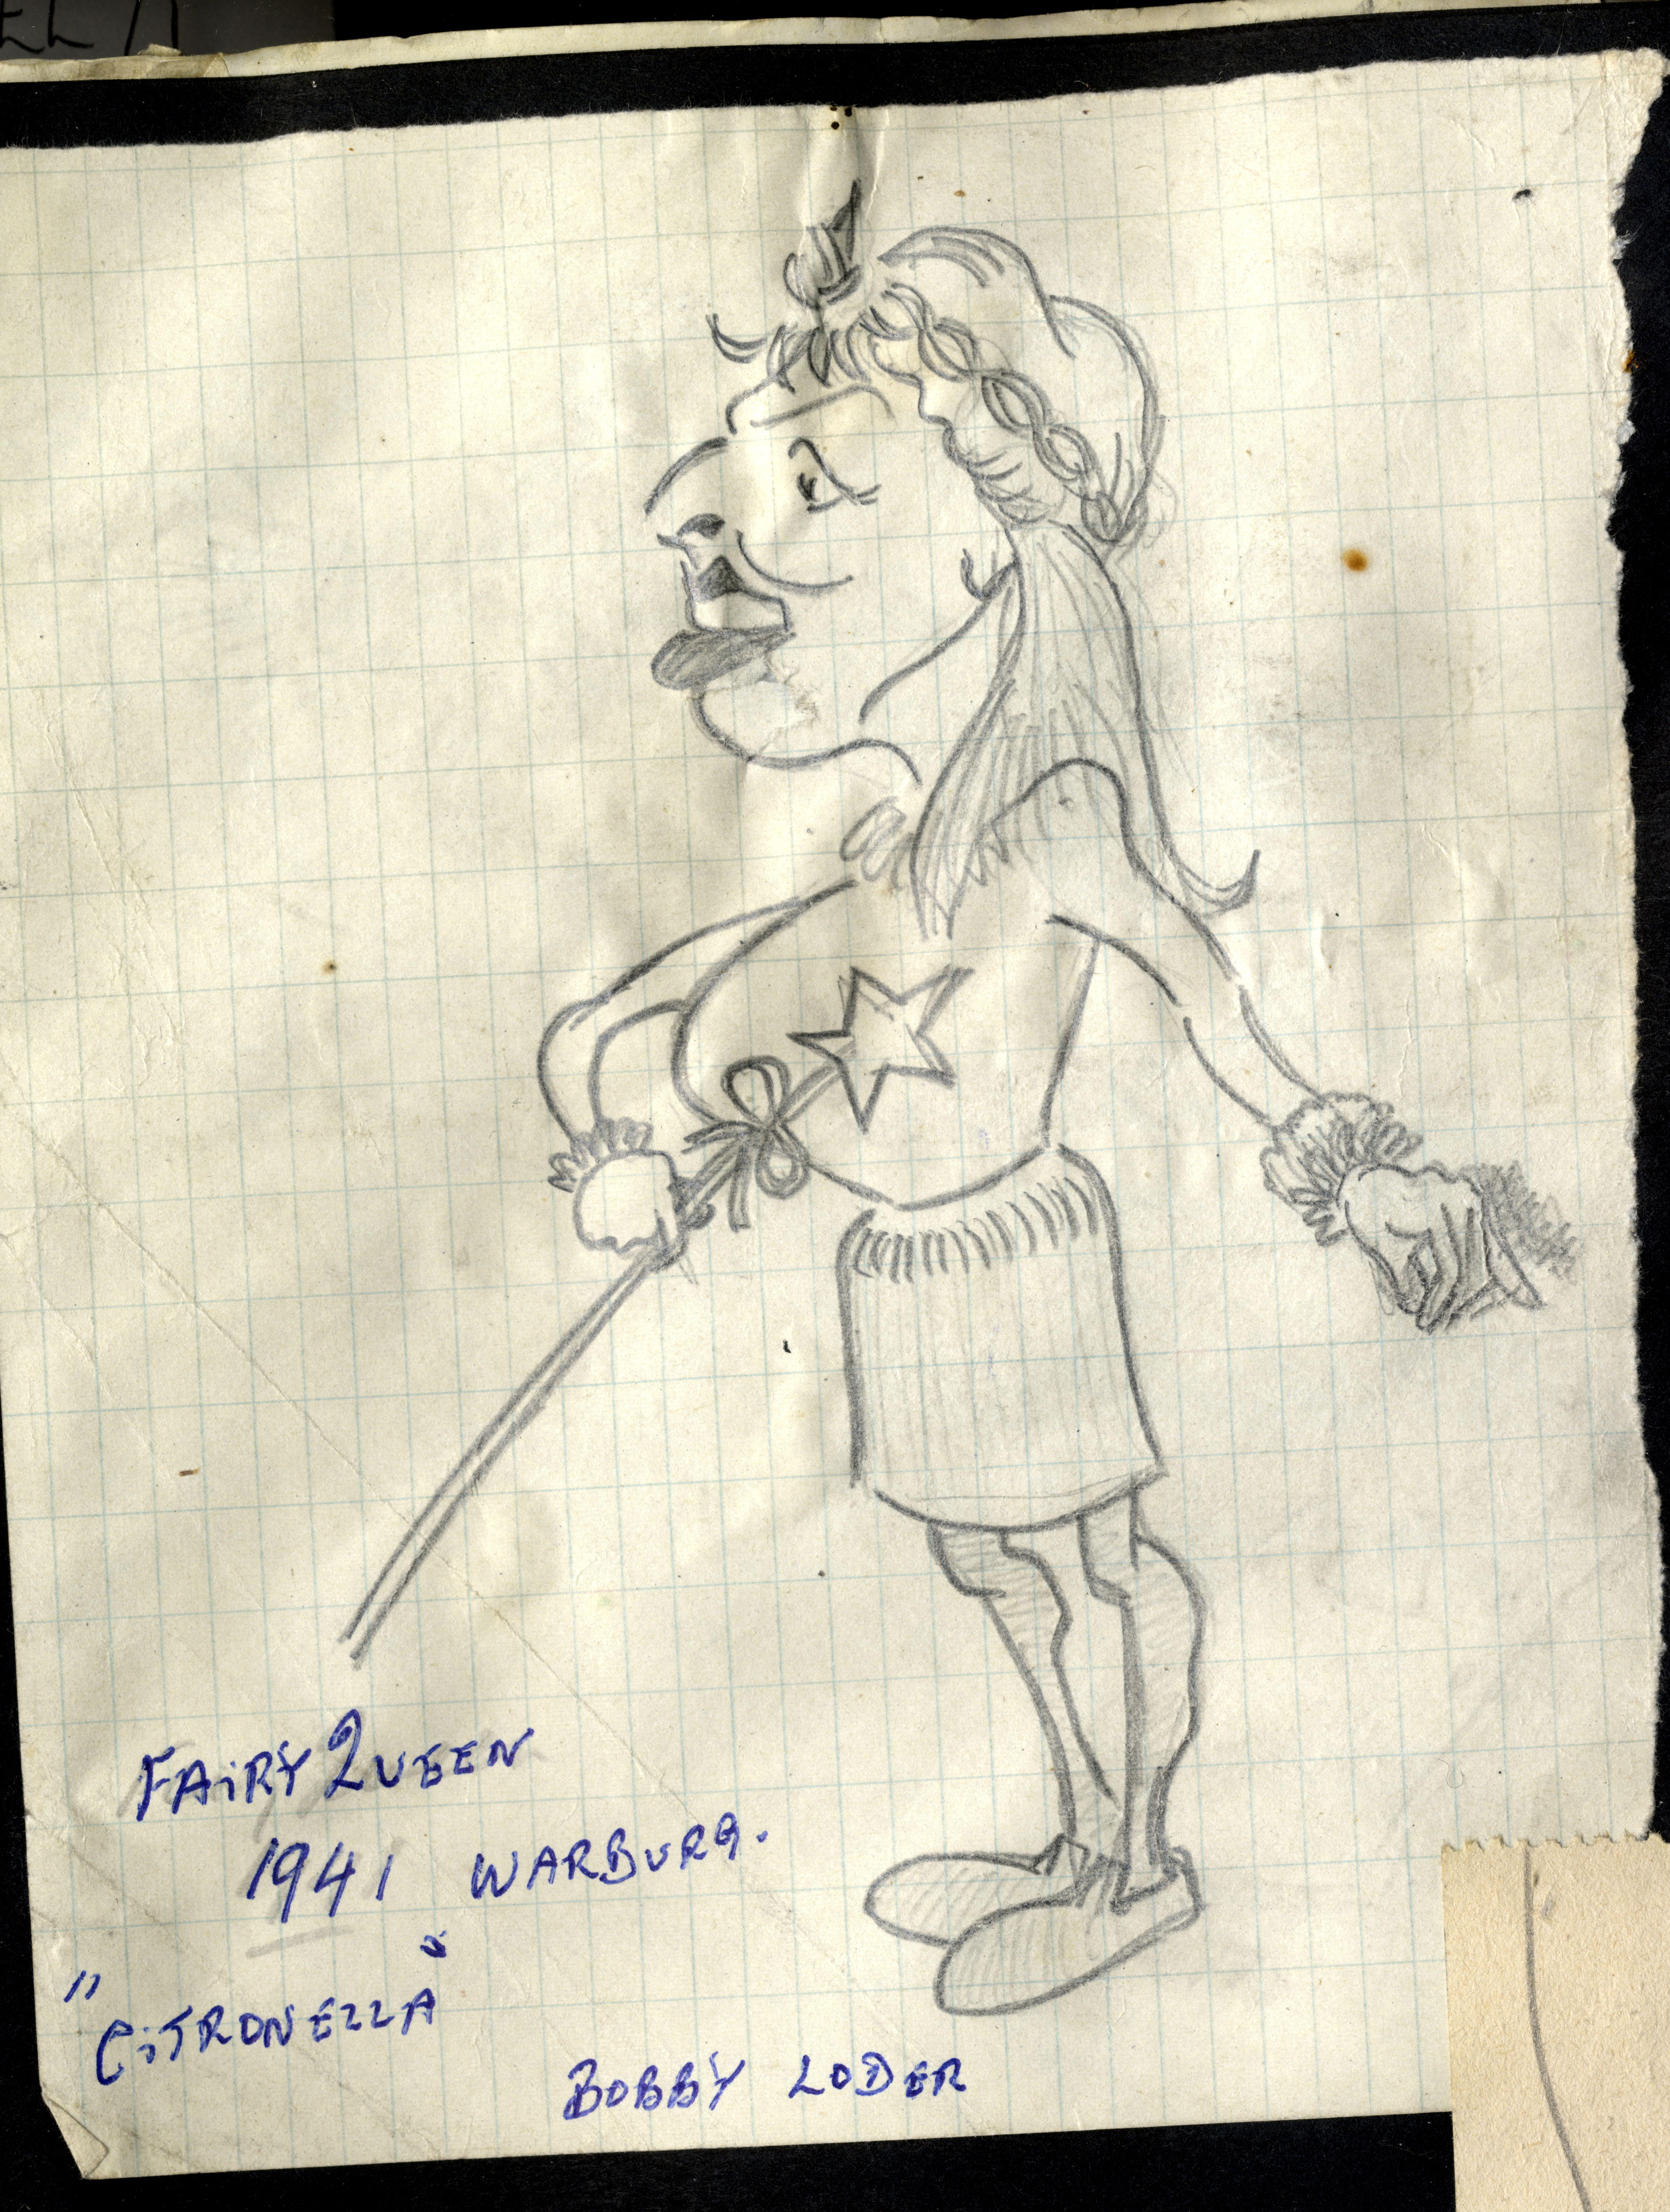 Costume design for the pantomime Citronella, 1941